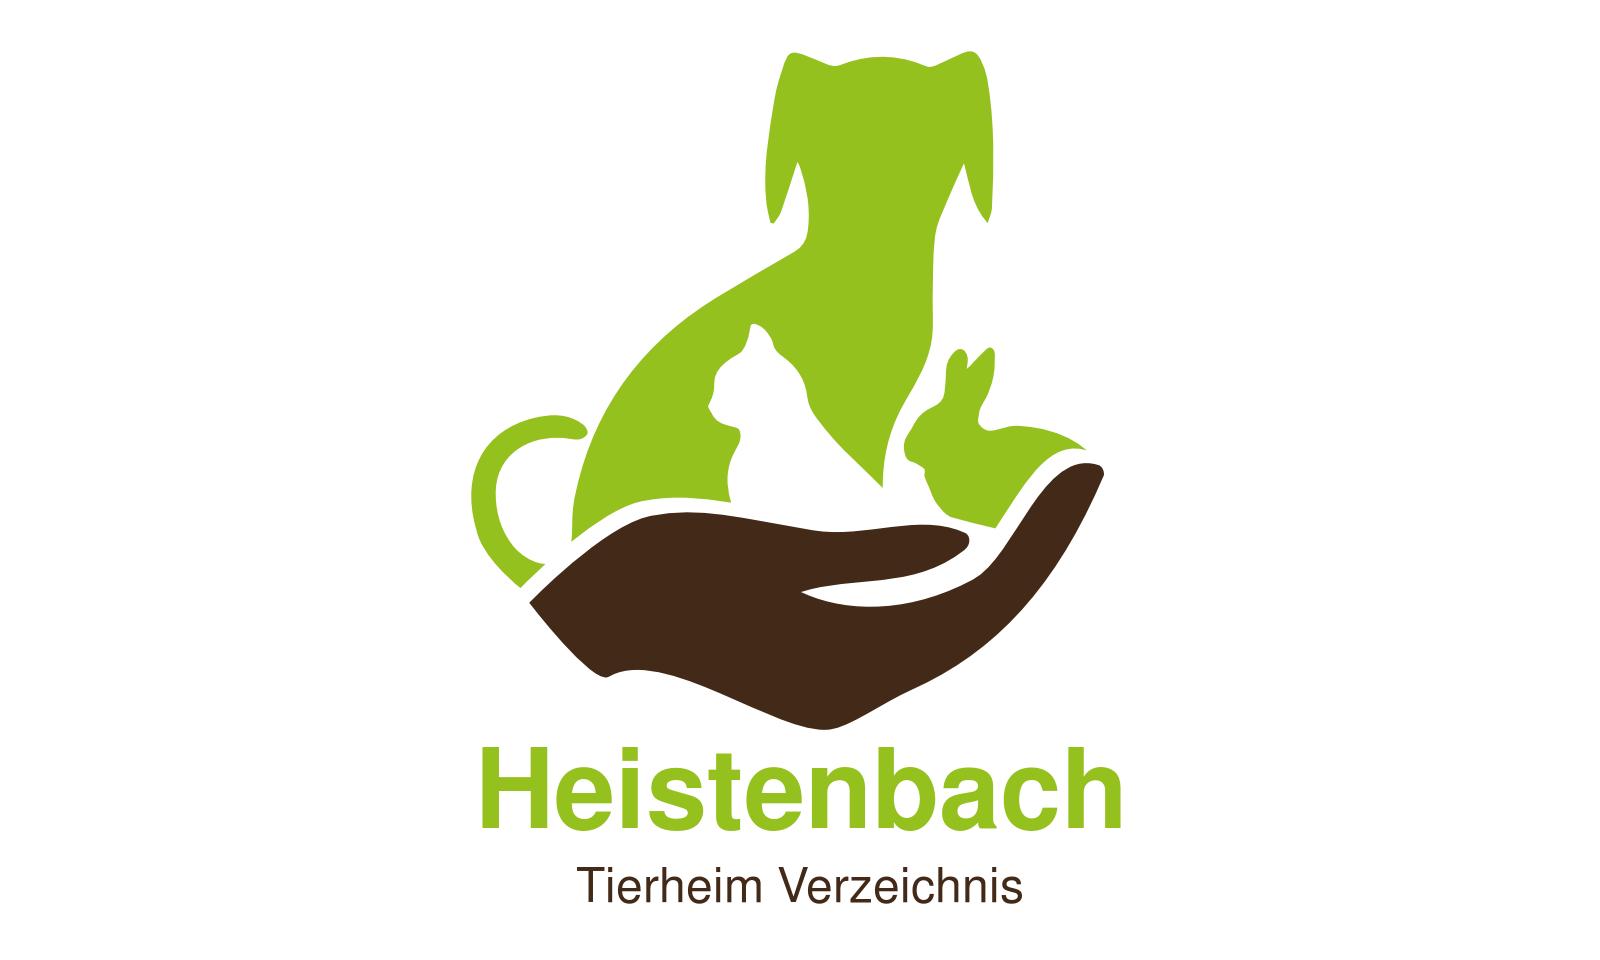 Tierheim Heistenbach